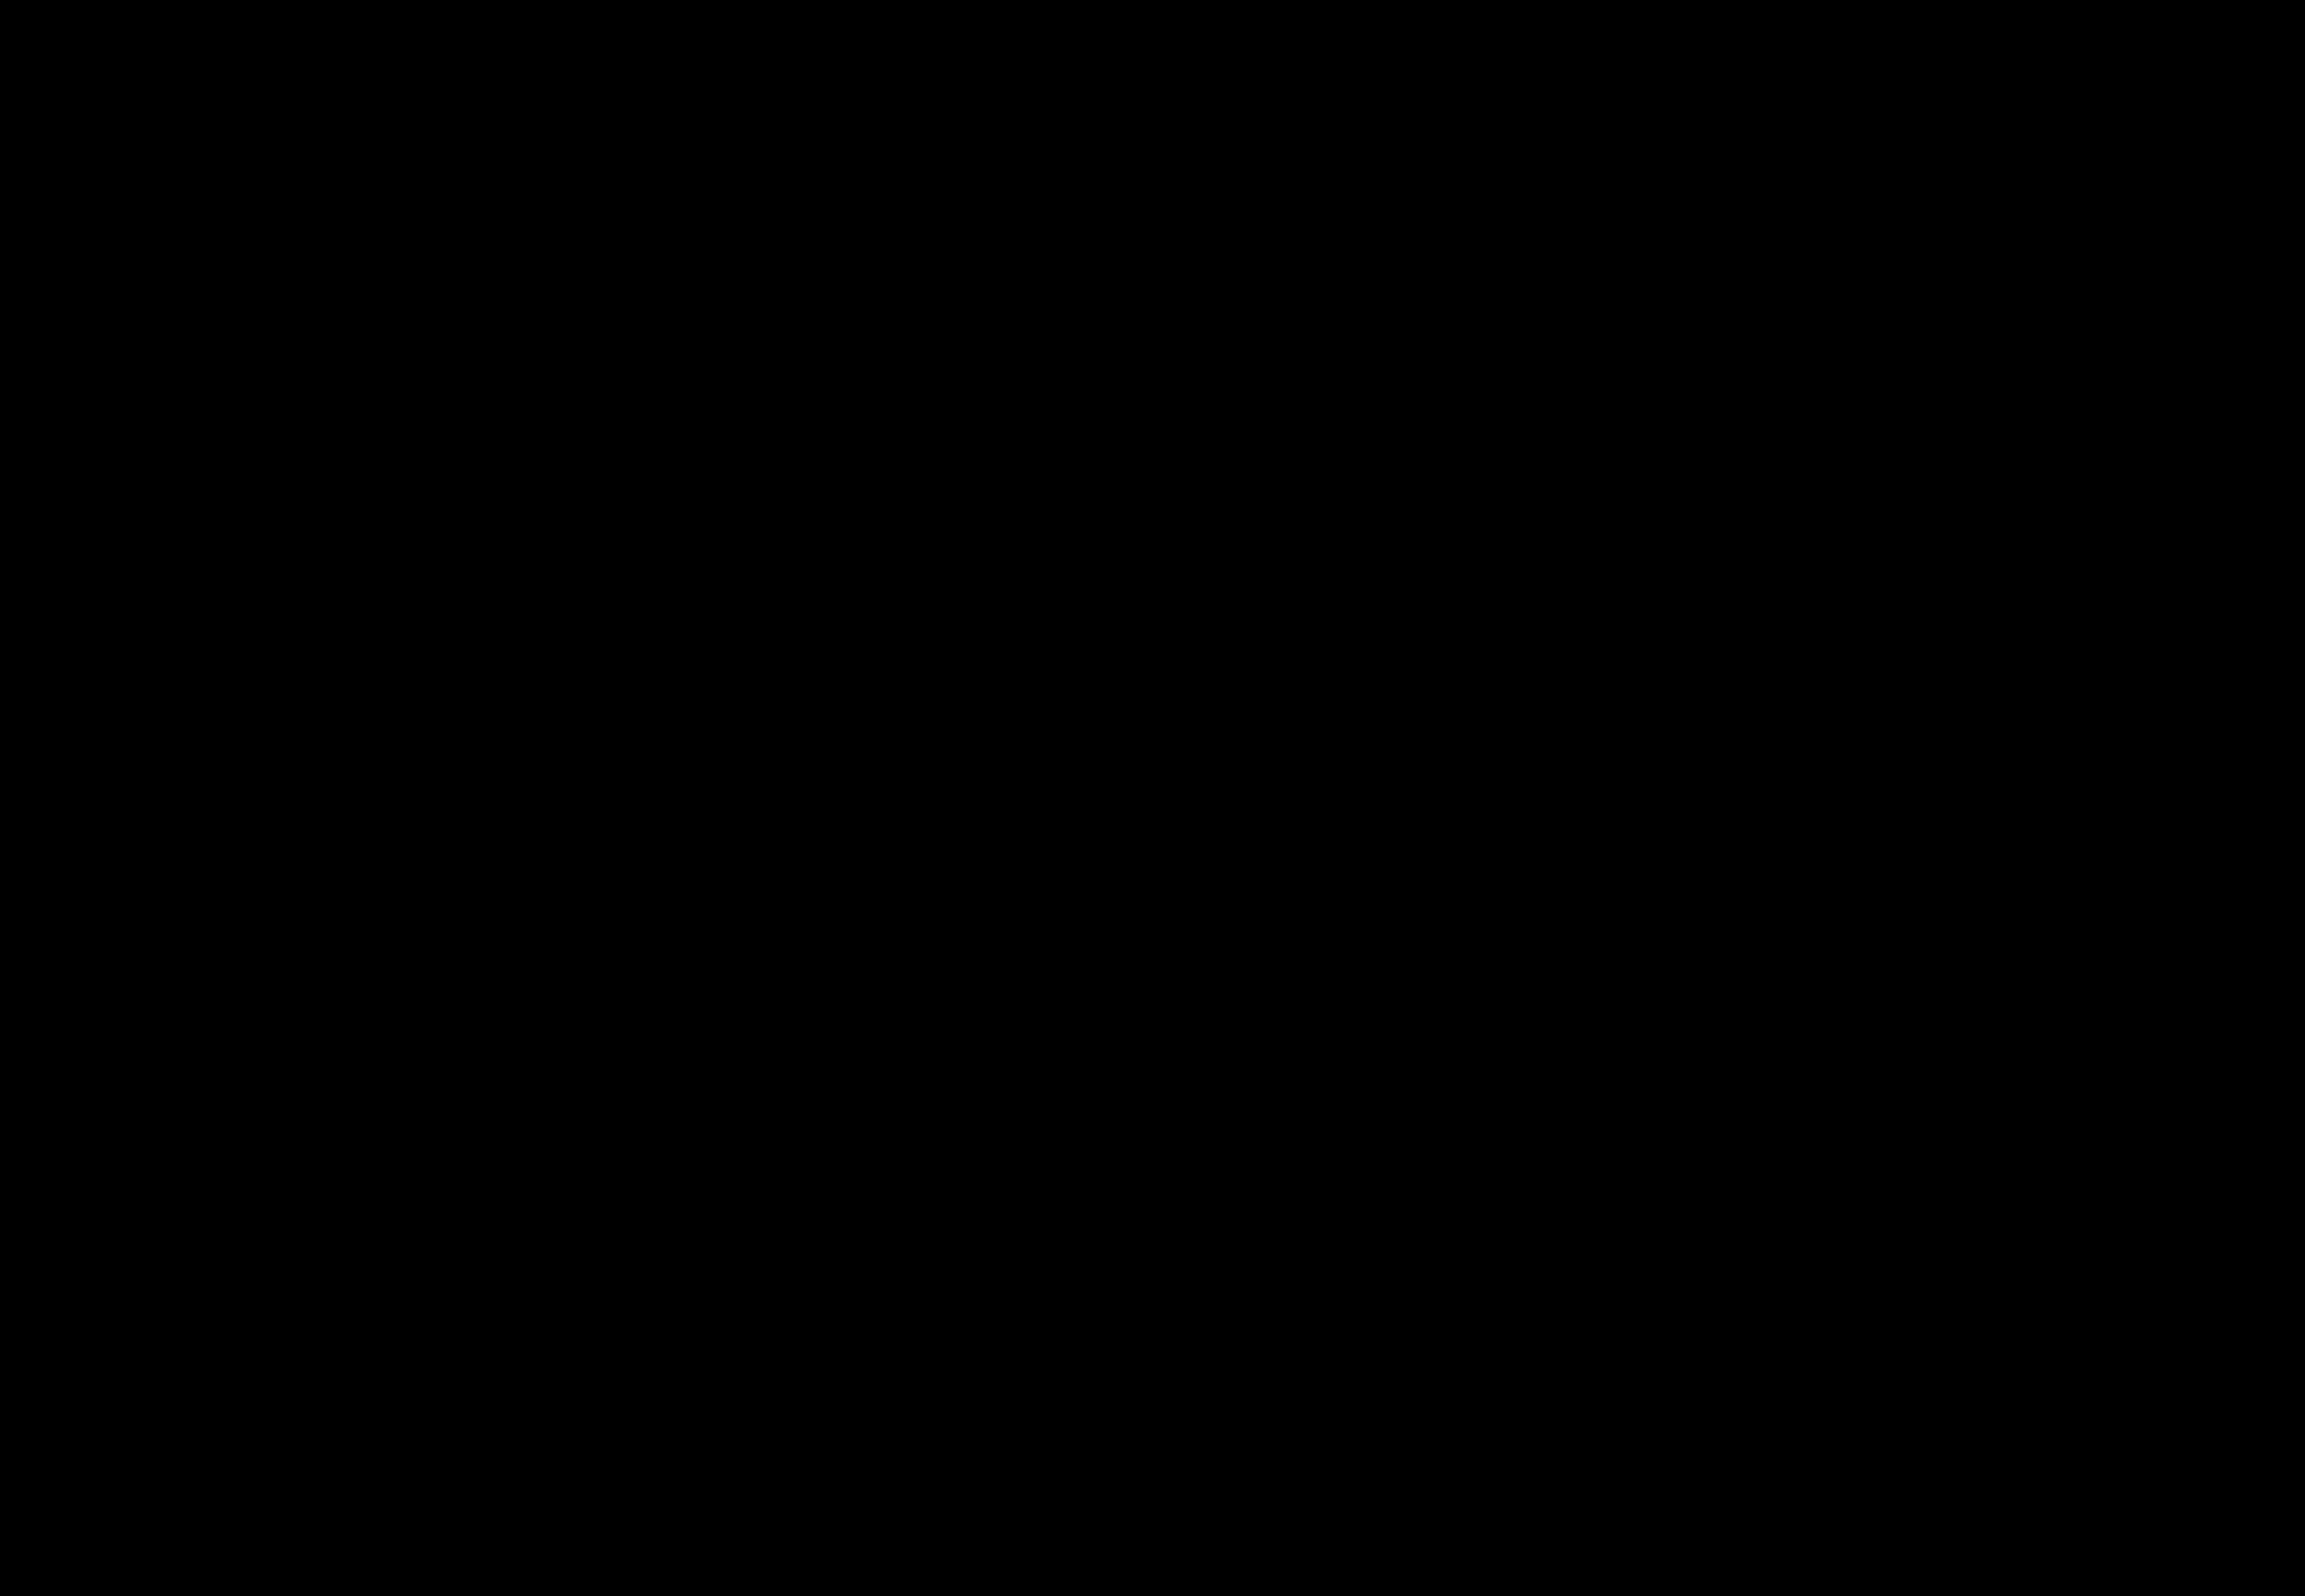 Desire World Travel